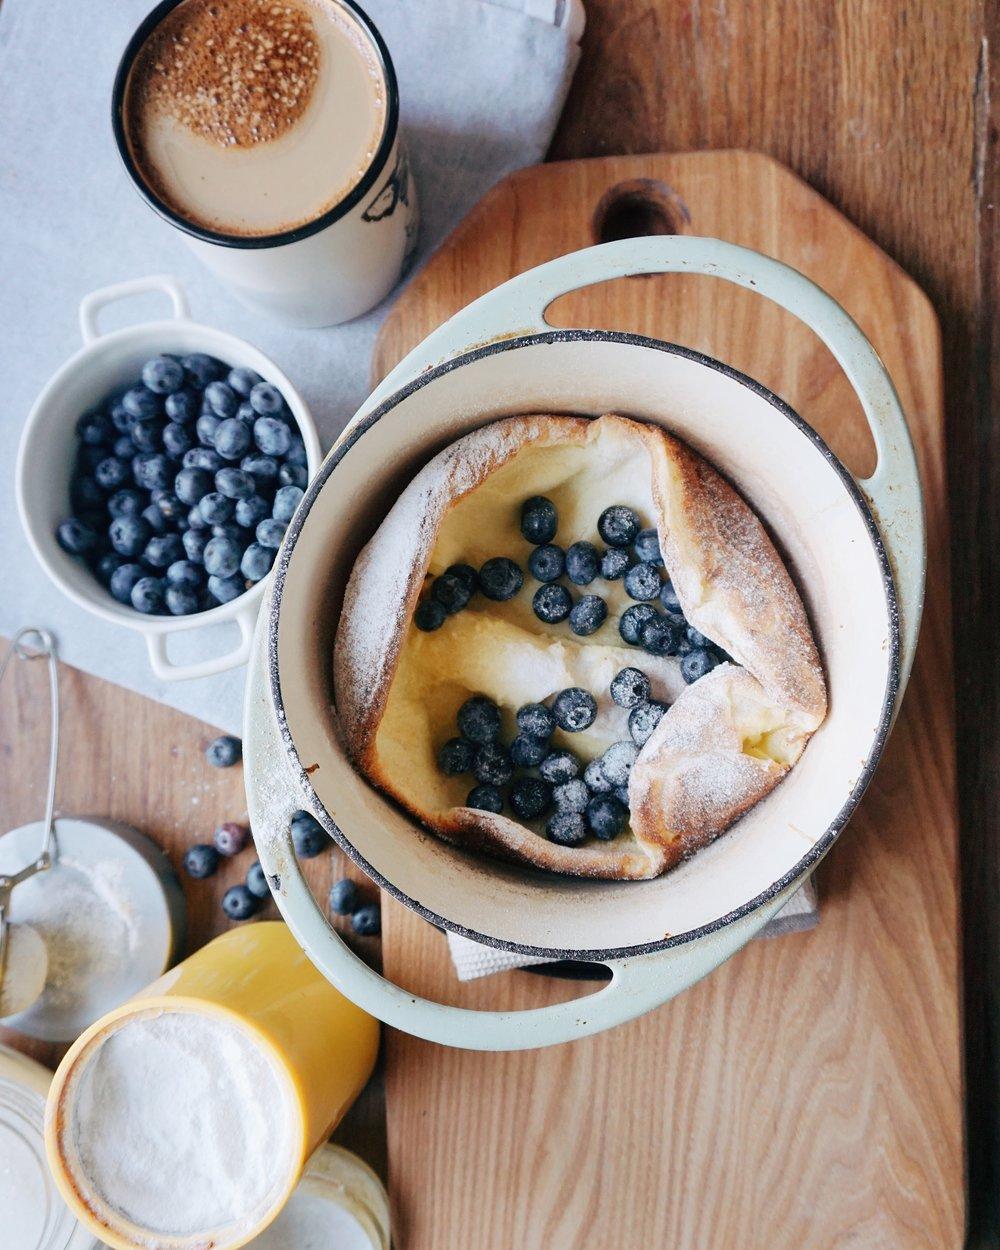 dutch baby pankūka slinkām brokastīm - kad absolūti negribas gatavot kaudzi ar plānajām pankūkām, tad jāgatavo viena uz viesiem - jā, tā ir dutch baby pankūka.